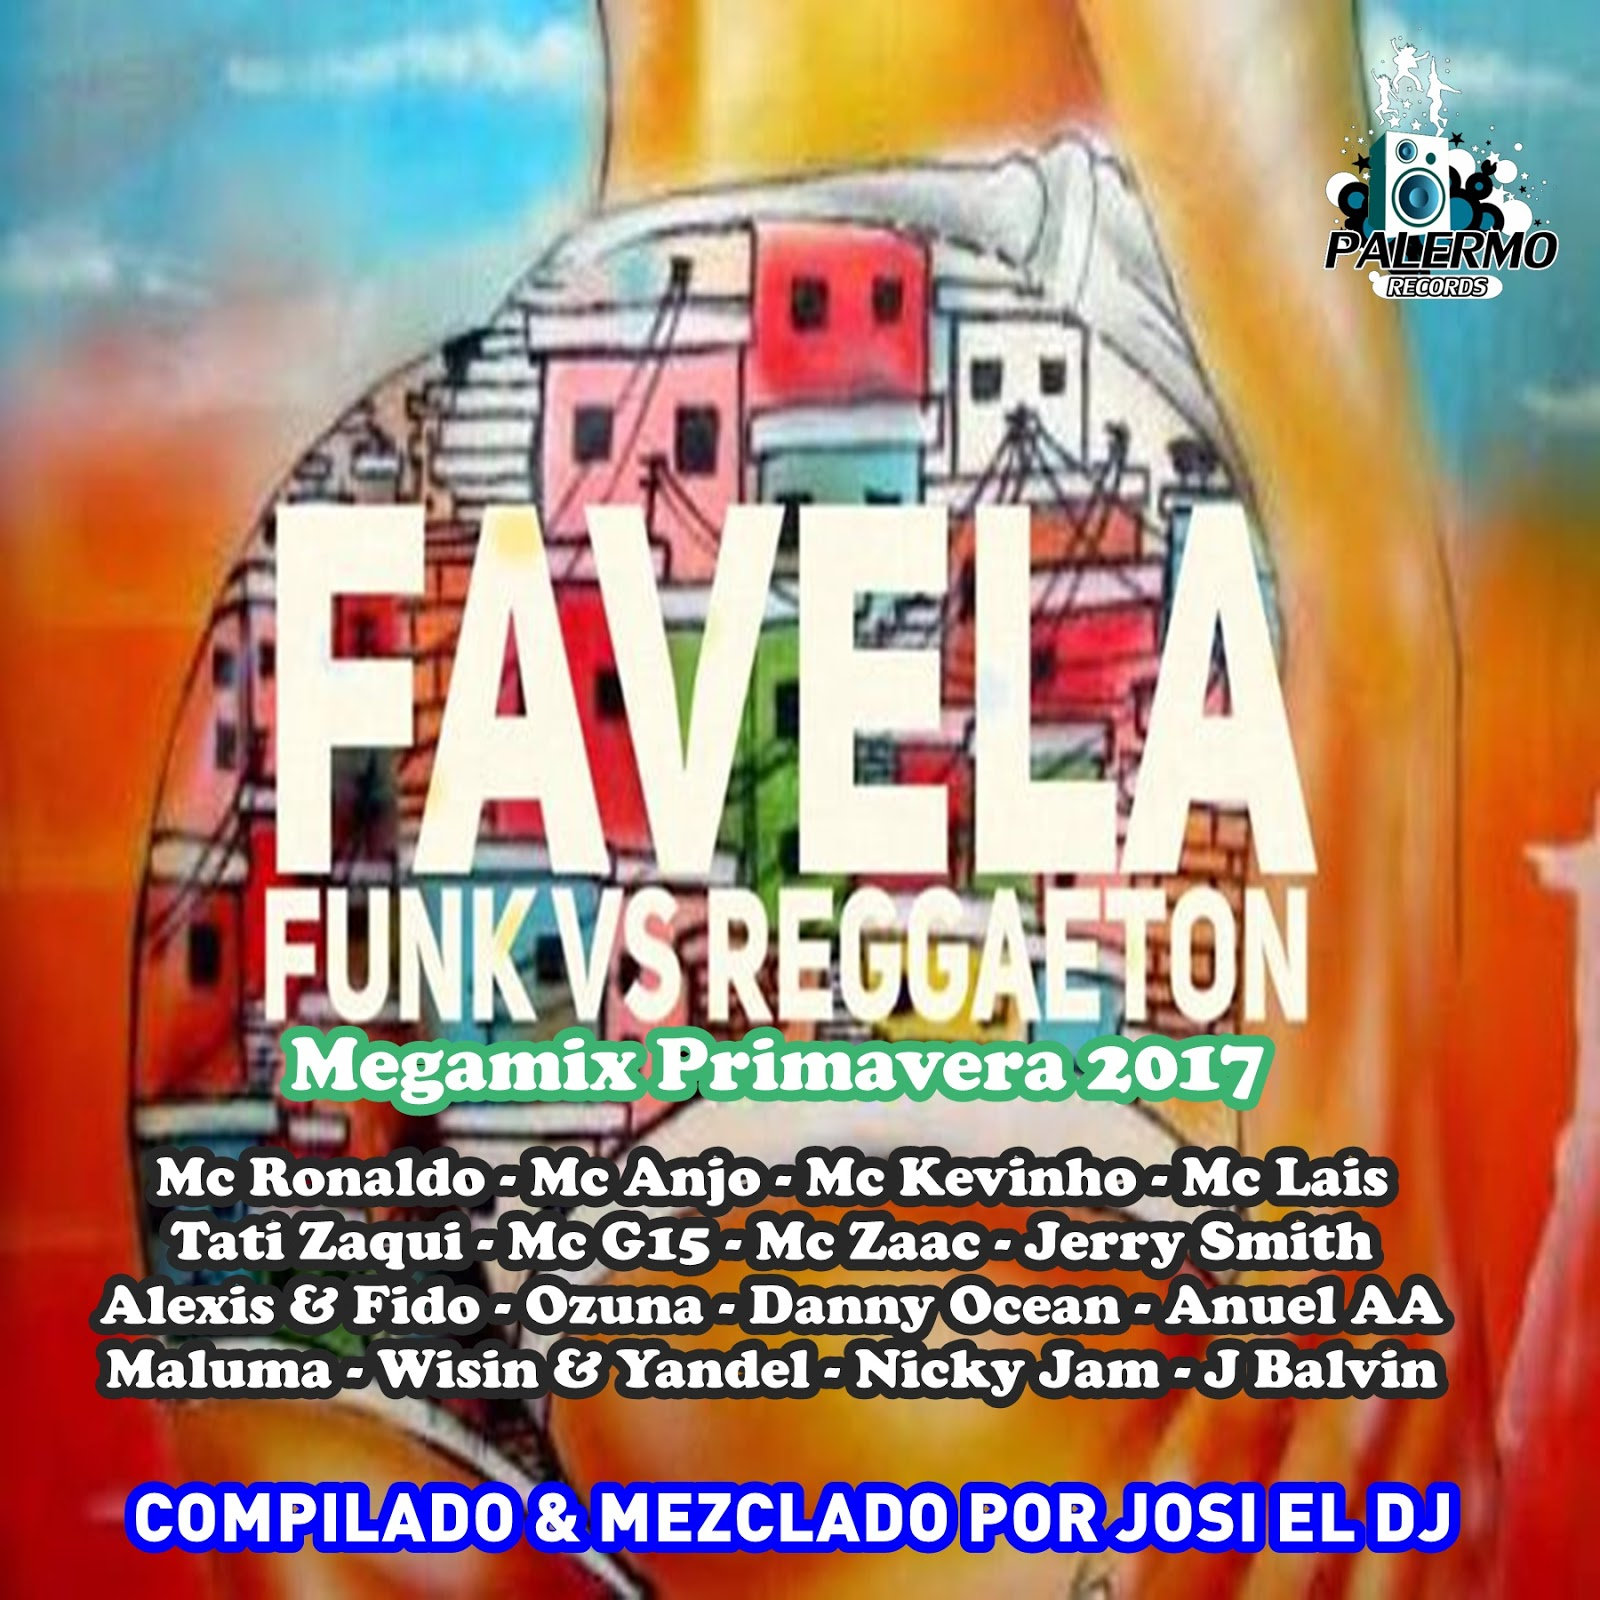 Mc Fioti Bum Bum Tam Tam Download 2: Josi El Dj: Funky Vs Reggaeton Megamix Primavera 2017 (CD